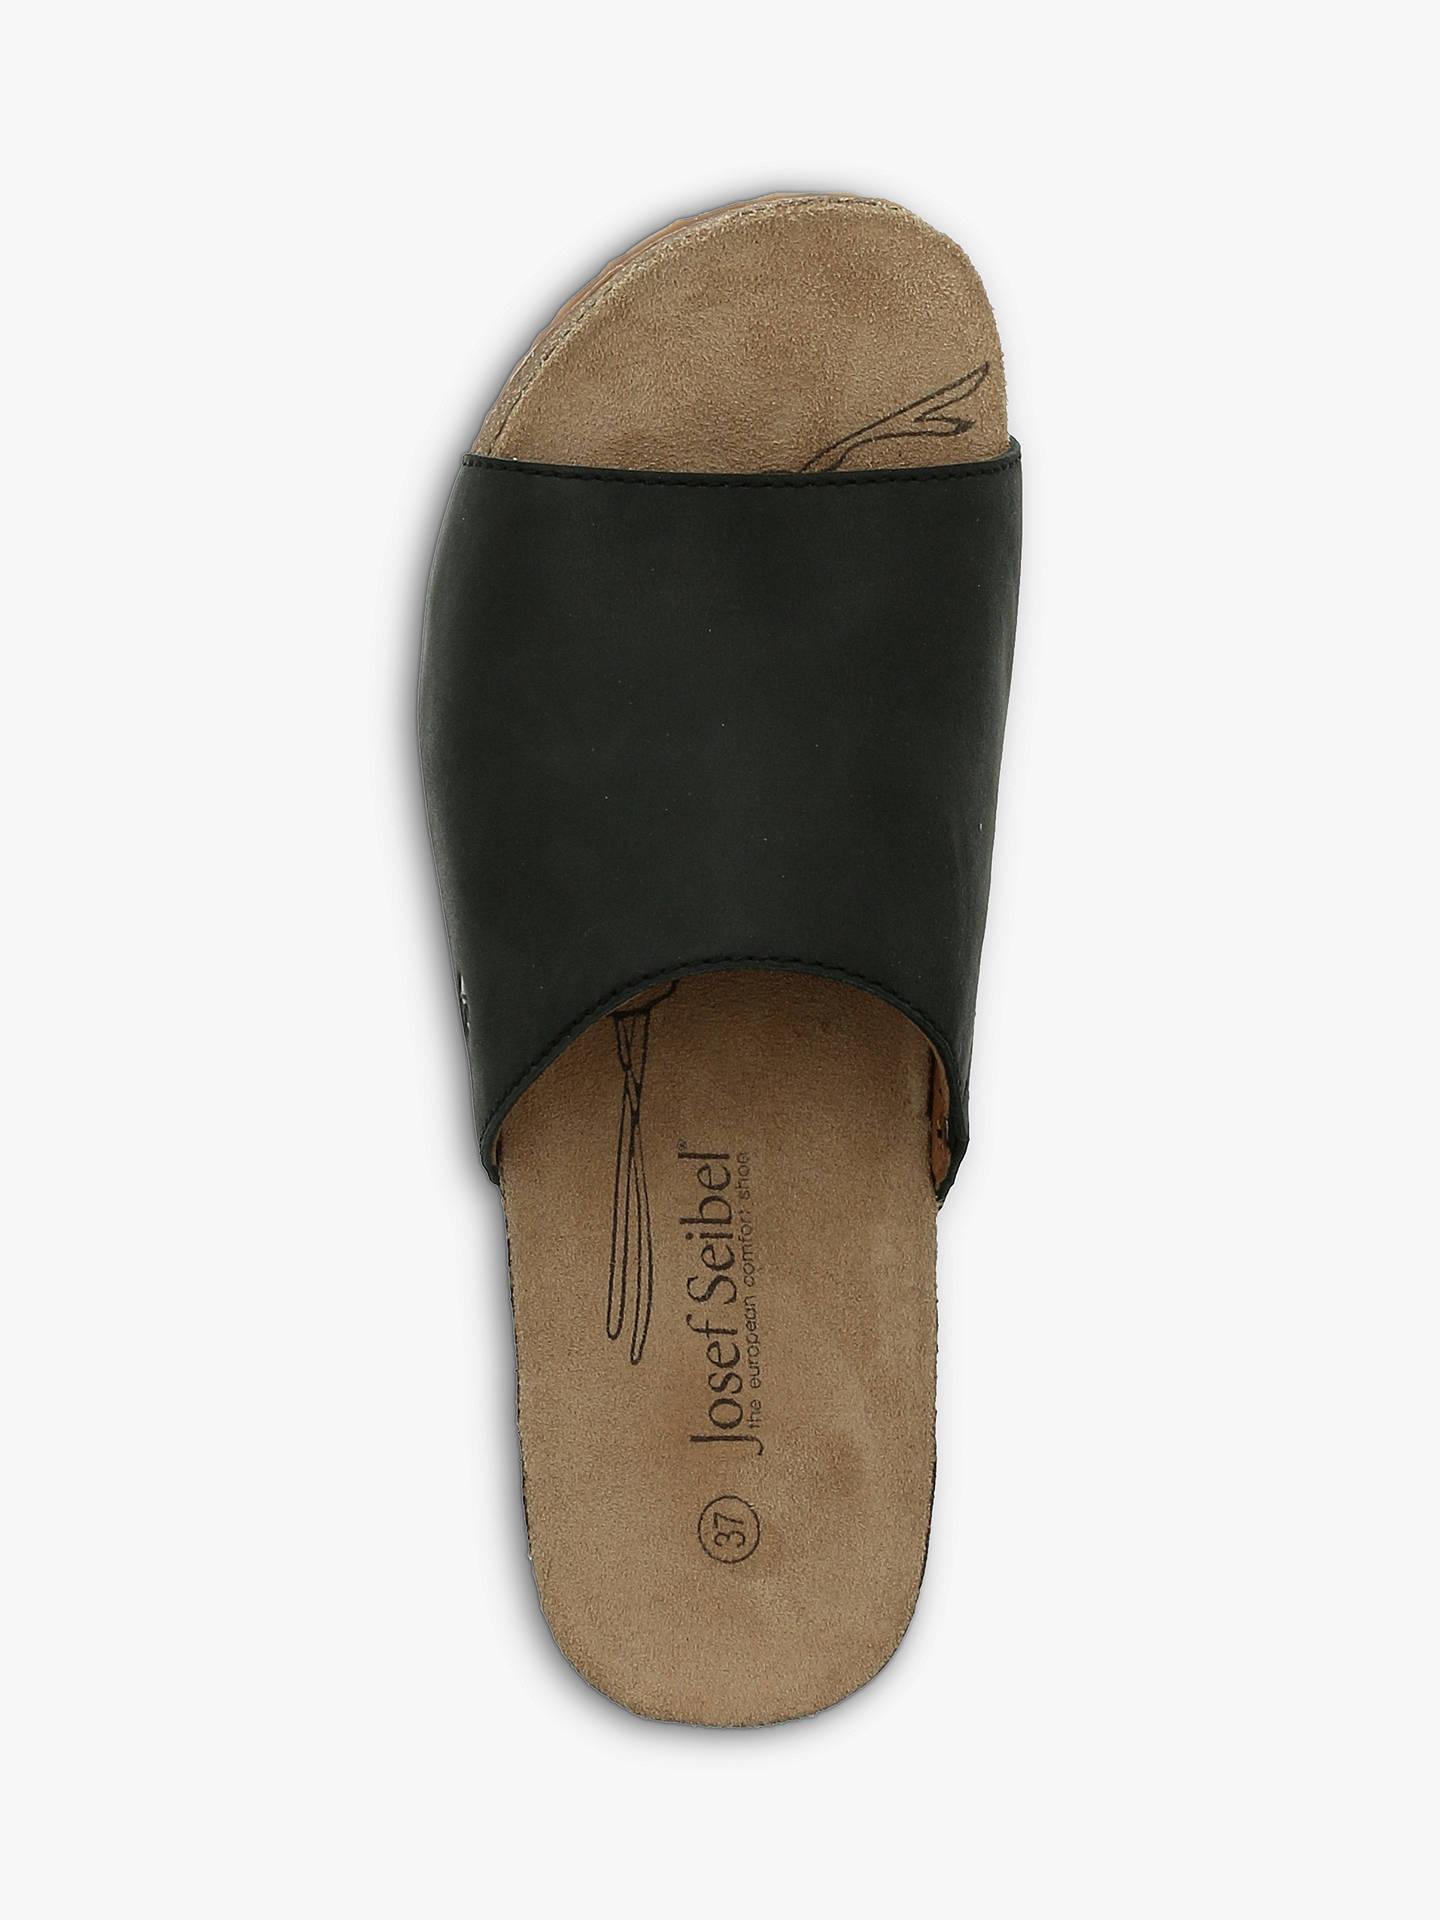 Josef Seibel Tonga 51 Slip On Sandals At John Lewis Amp Partners